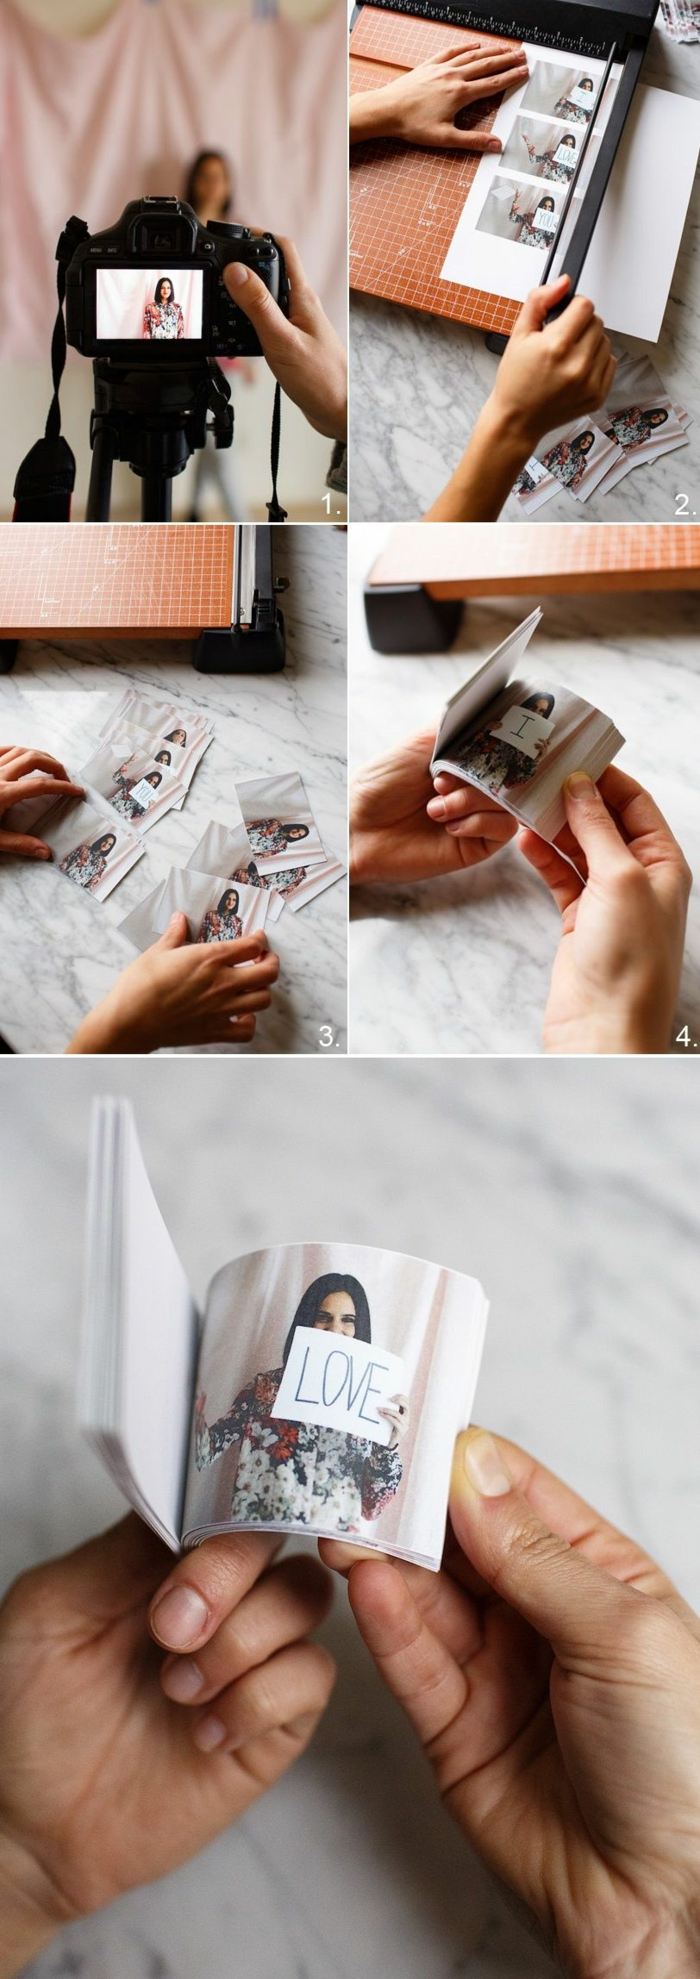 manualidades románticas, libro con fotos de la mujer amada, cómo hacerlo paso a paso, regalos originales para novios, fotos originales